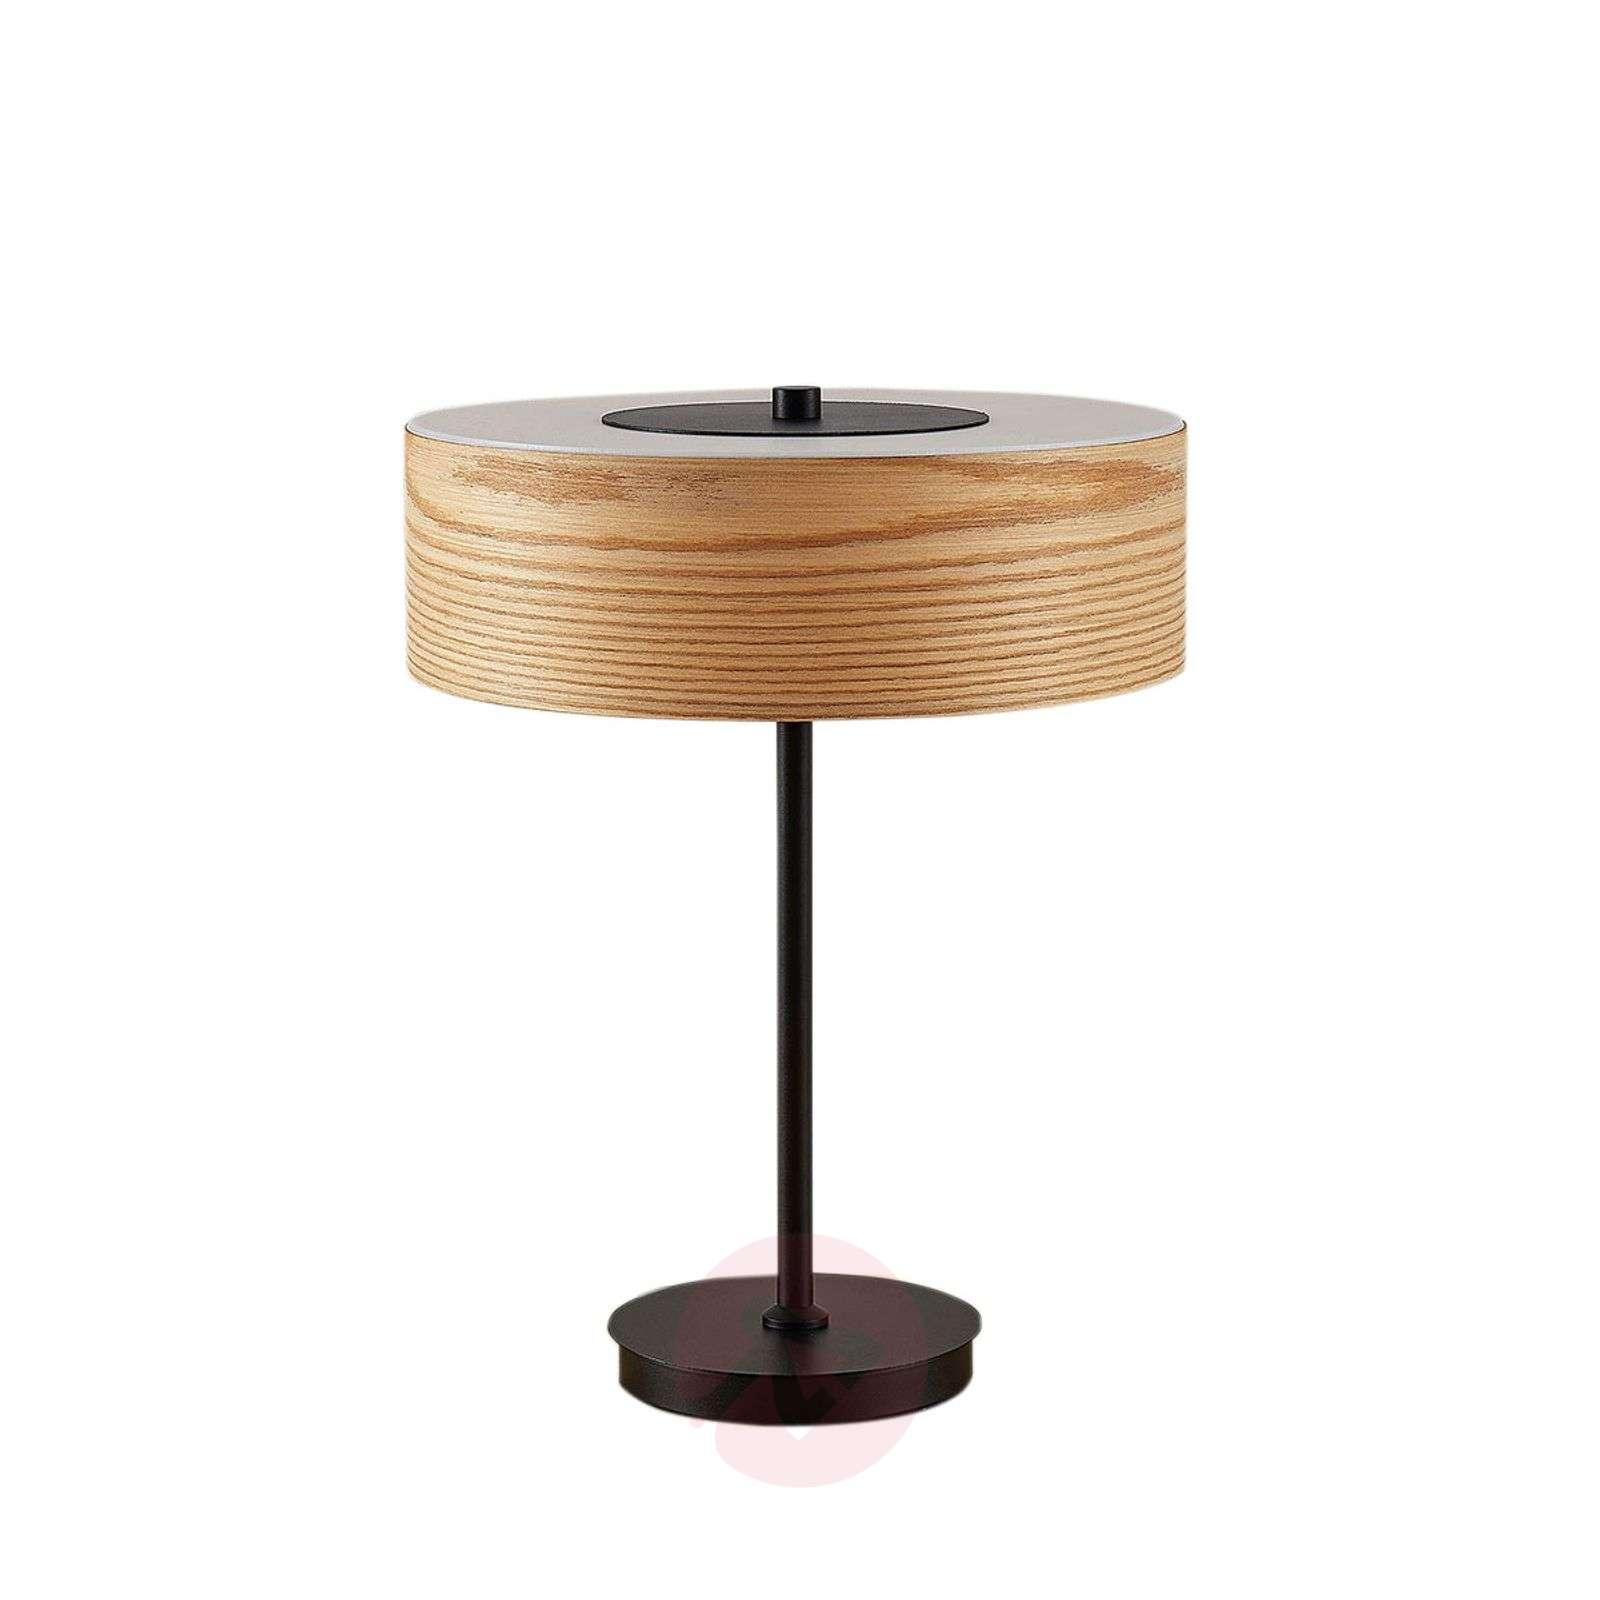 Puinen pöytälamppu Dominic, pyöreä malli-9624344-01